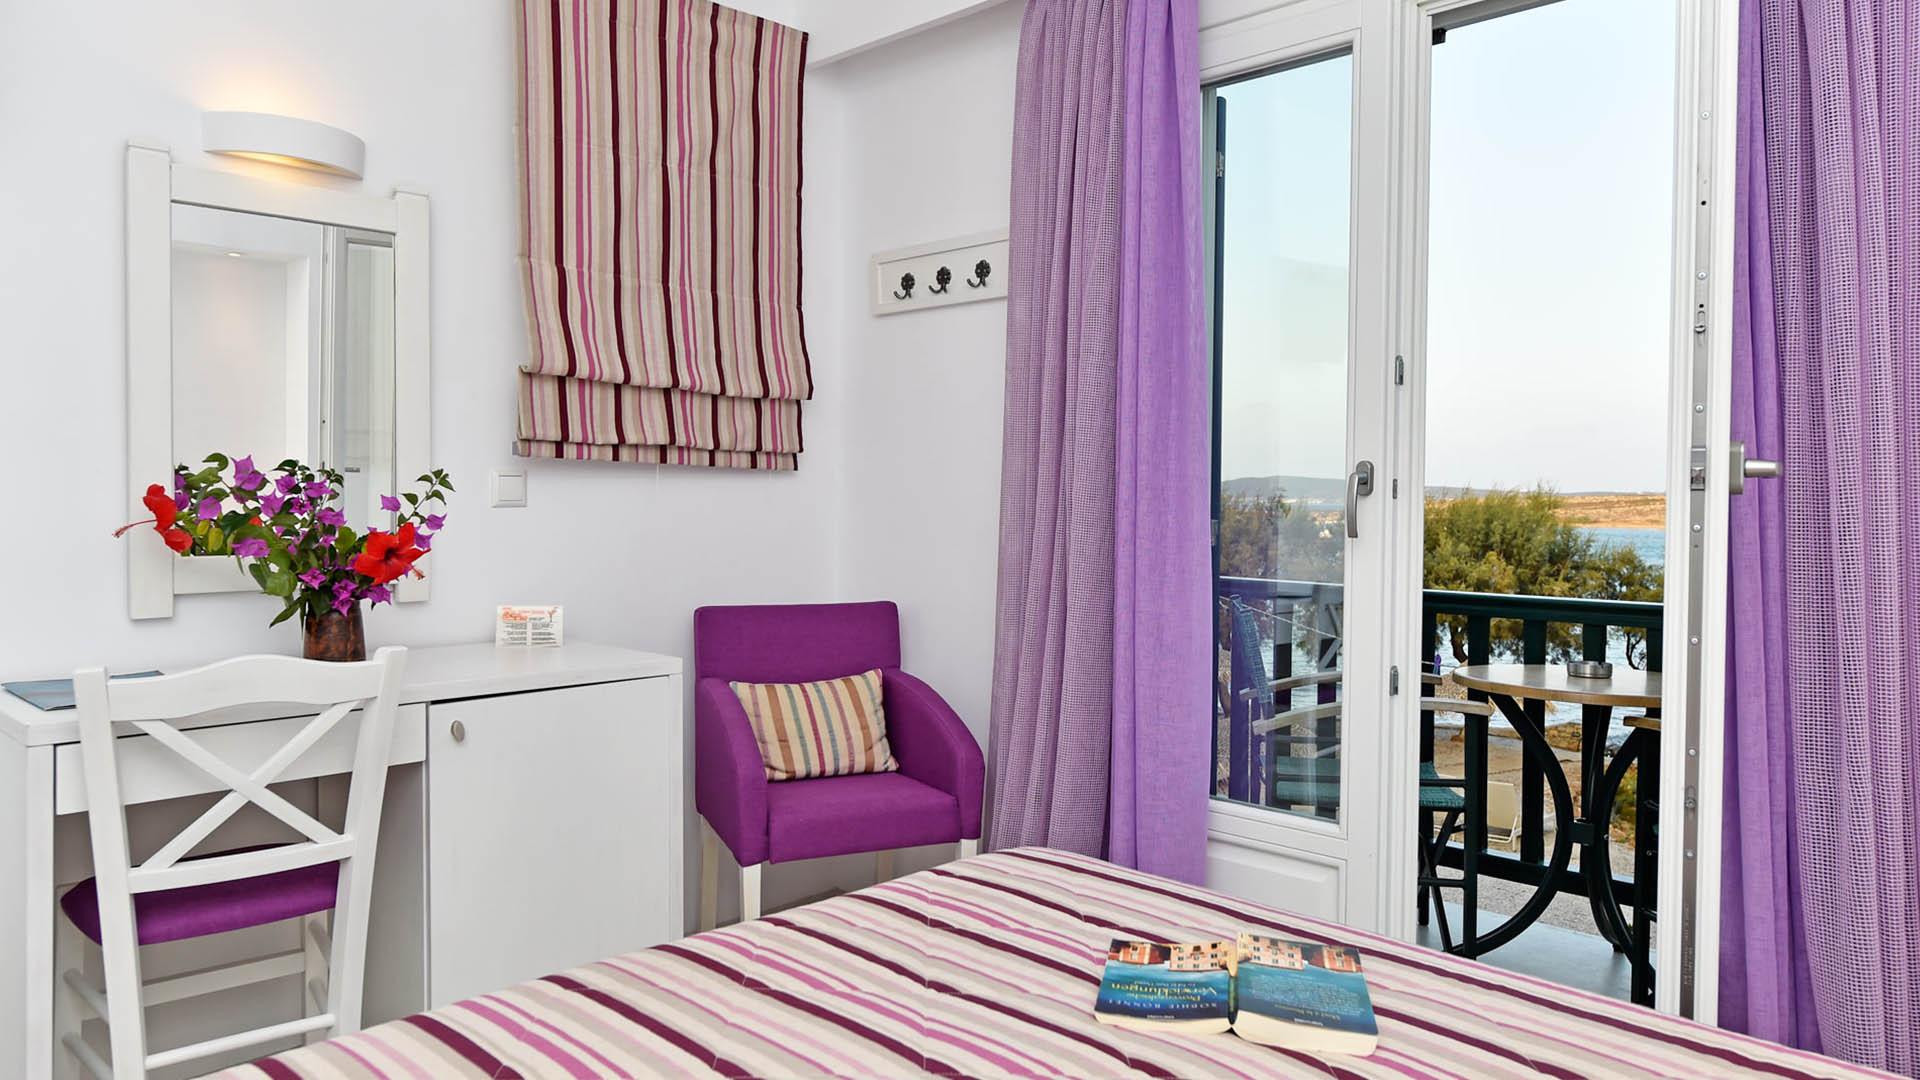 Η-_0003_kalypsohotel-suites-paros05